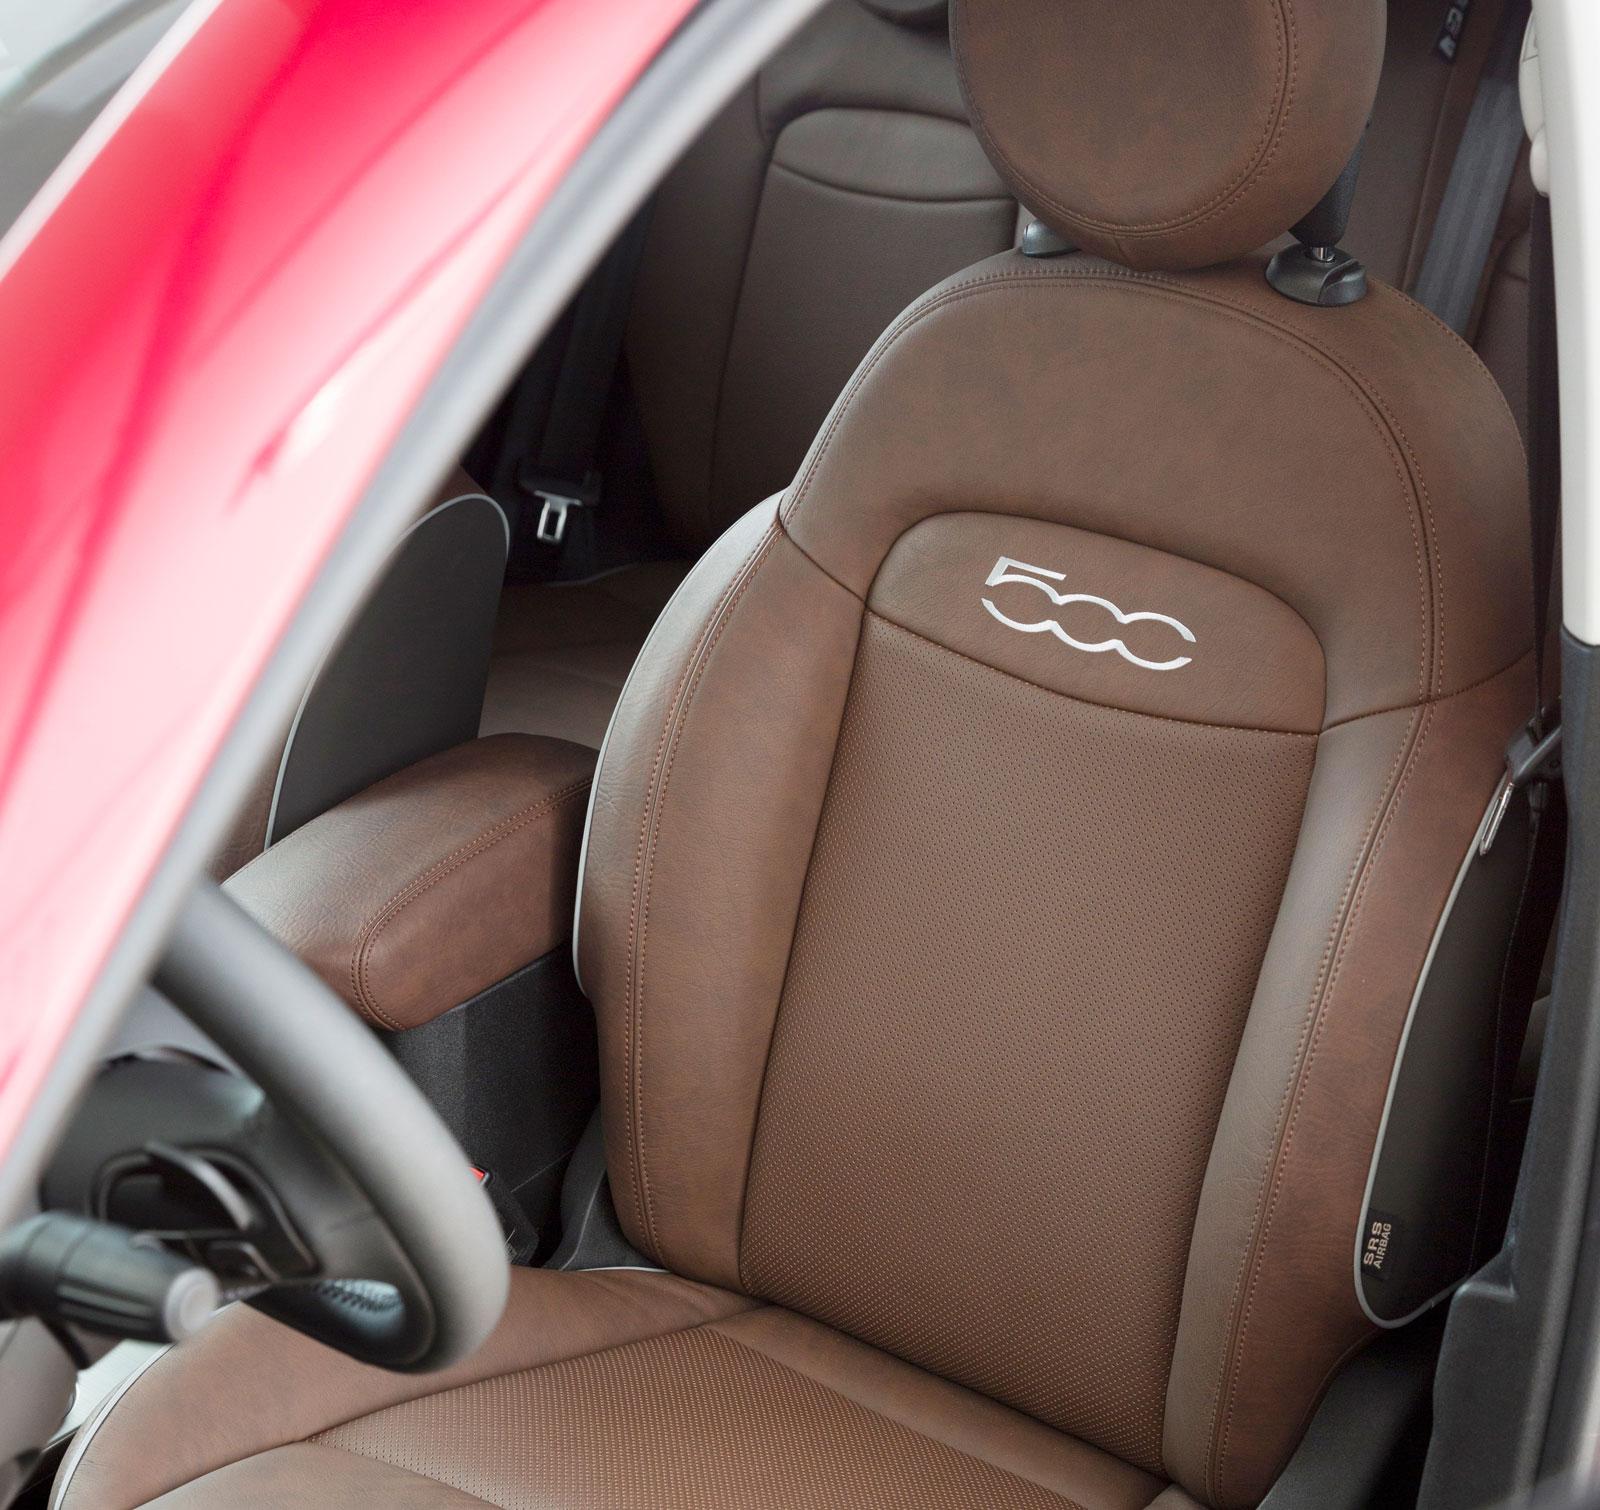 Läder på sittytan, annars galon och textil. Formen påminner om stolarnas i DS 4.